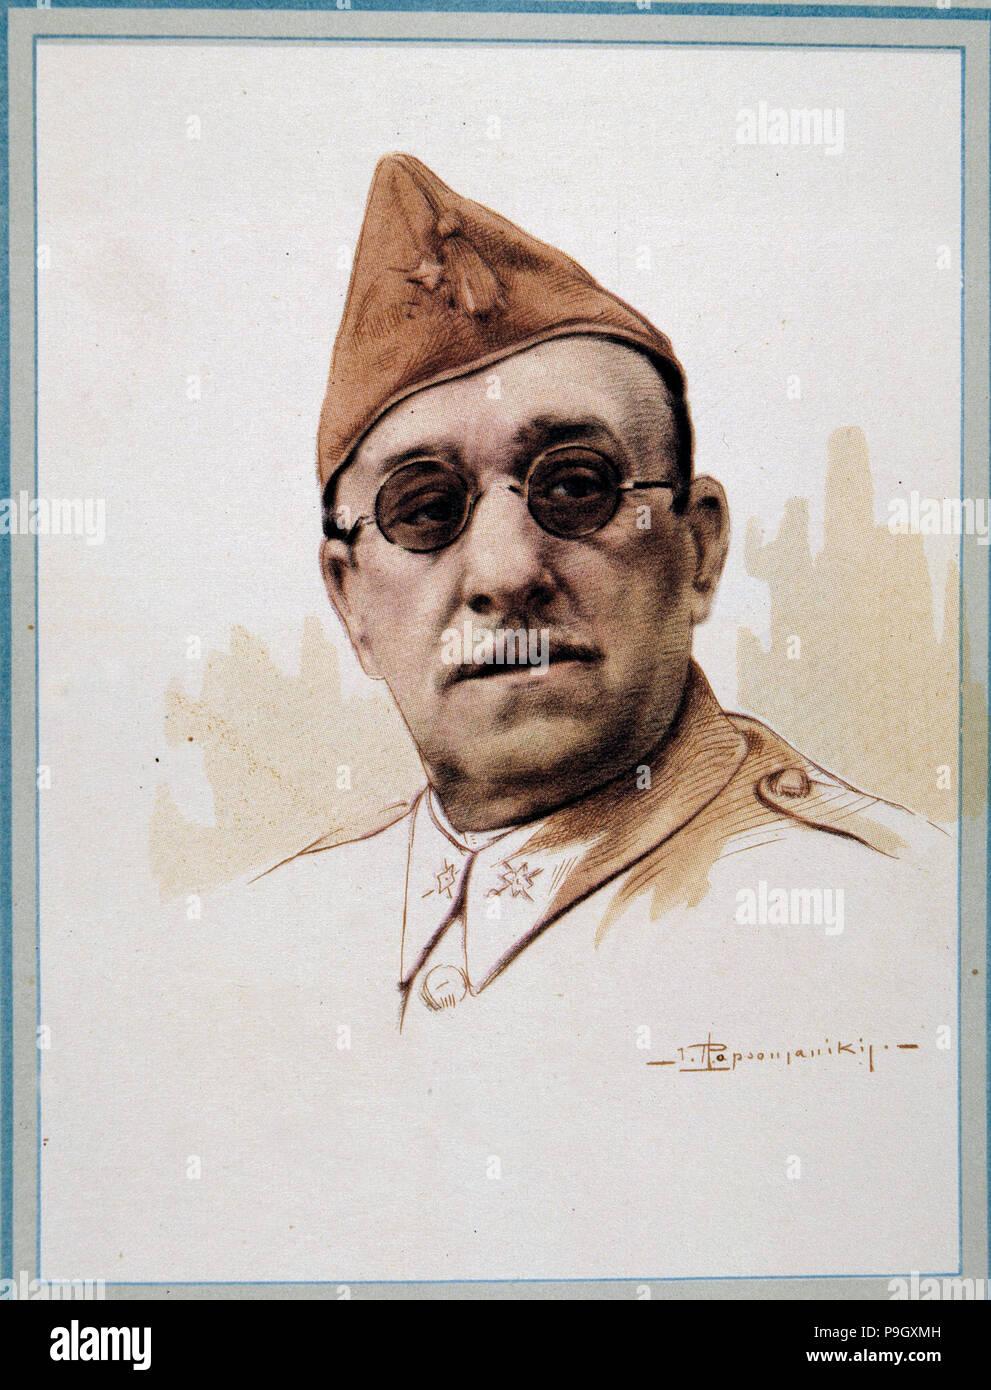 José Moscardó (1878-1956), militare spagnola, litografia. Immagini Stock